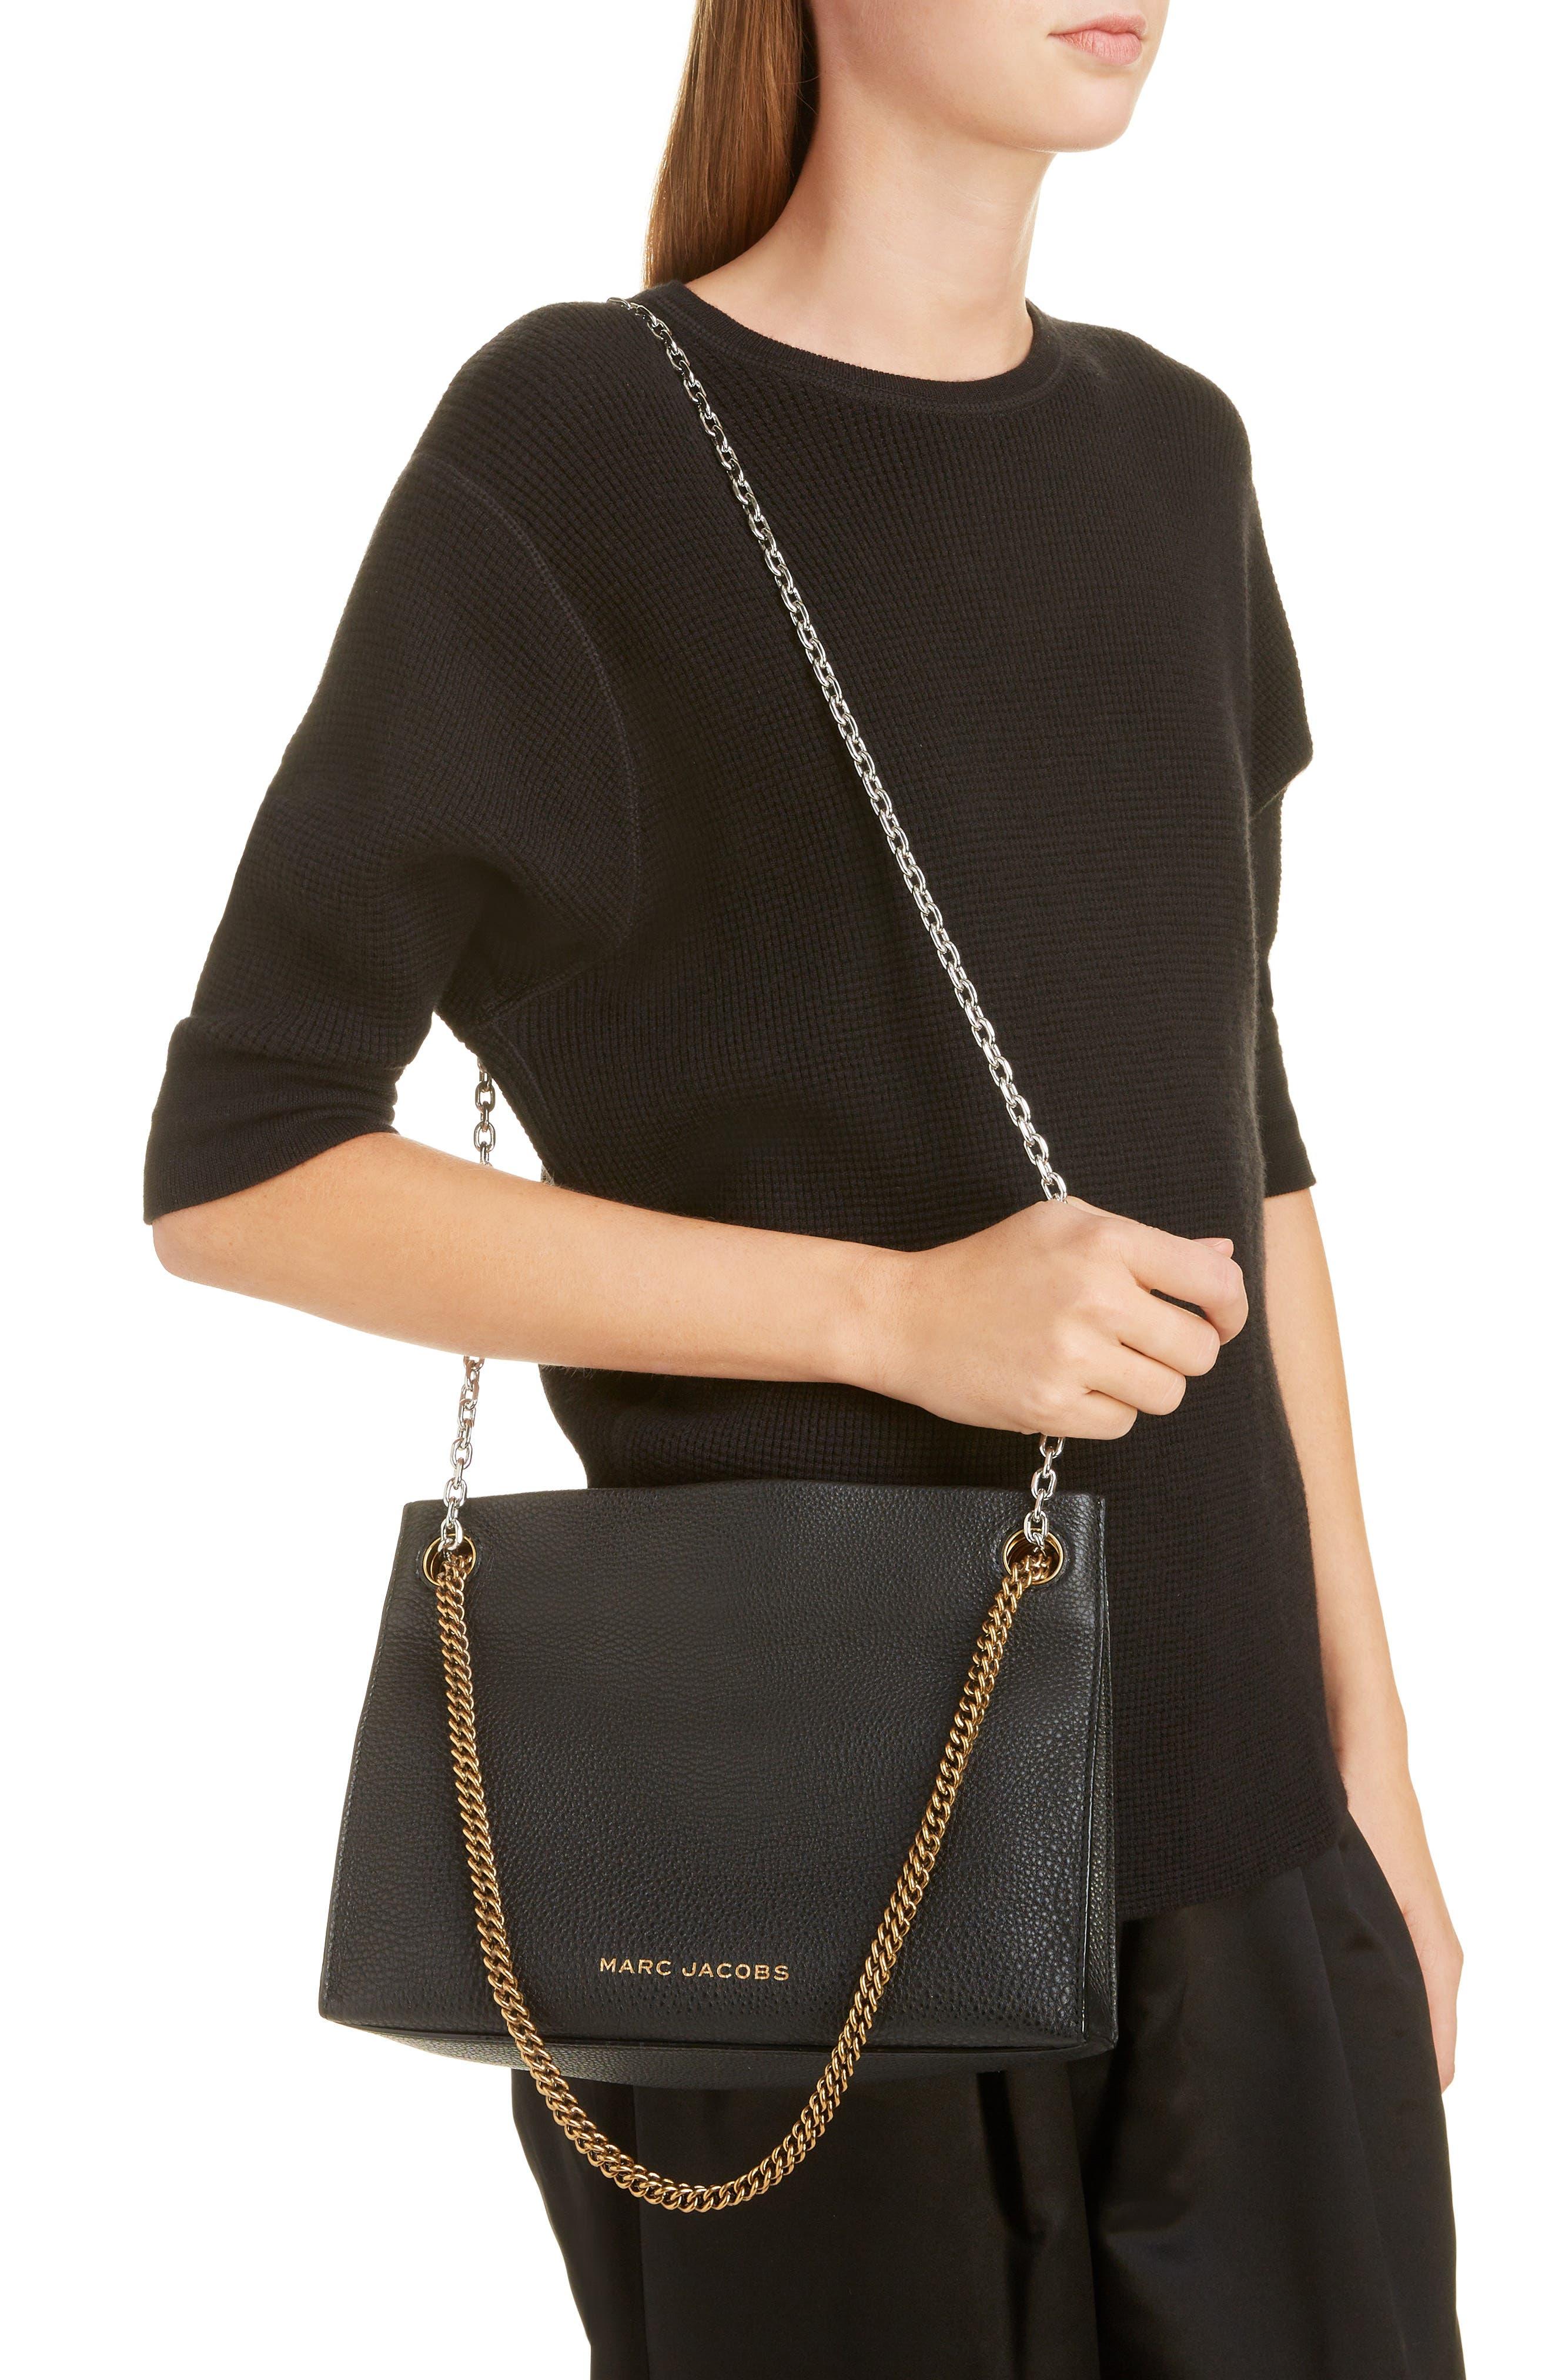 cc07d1a1ea2 MARC JACOBS Handbags & Wallets for Women | Nordstrom